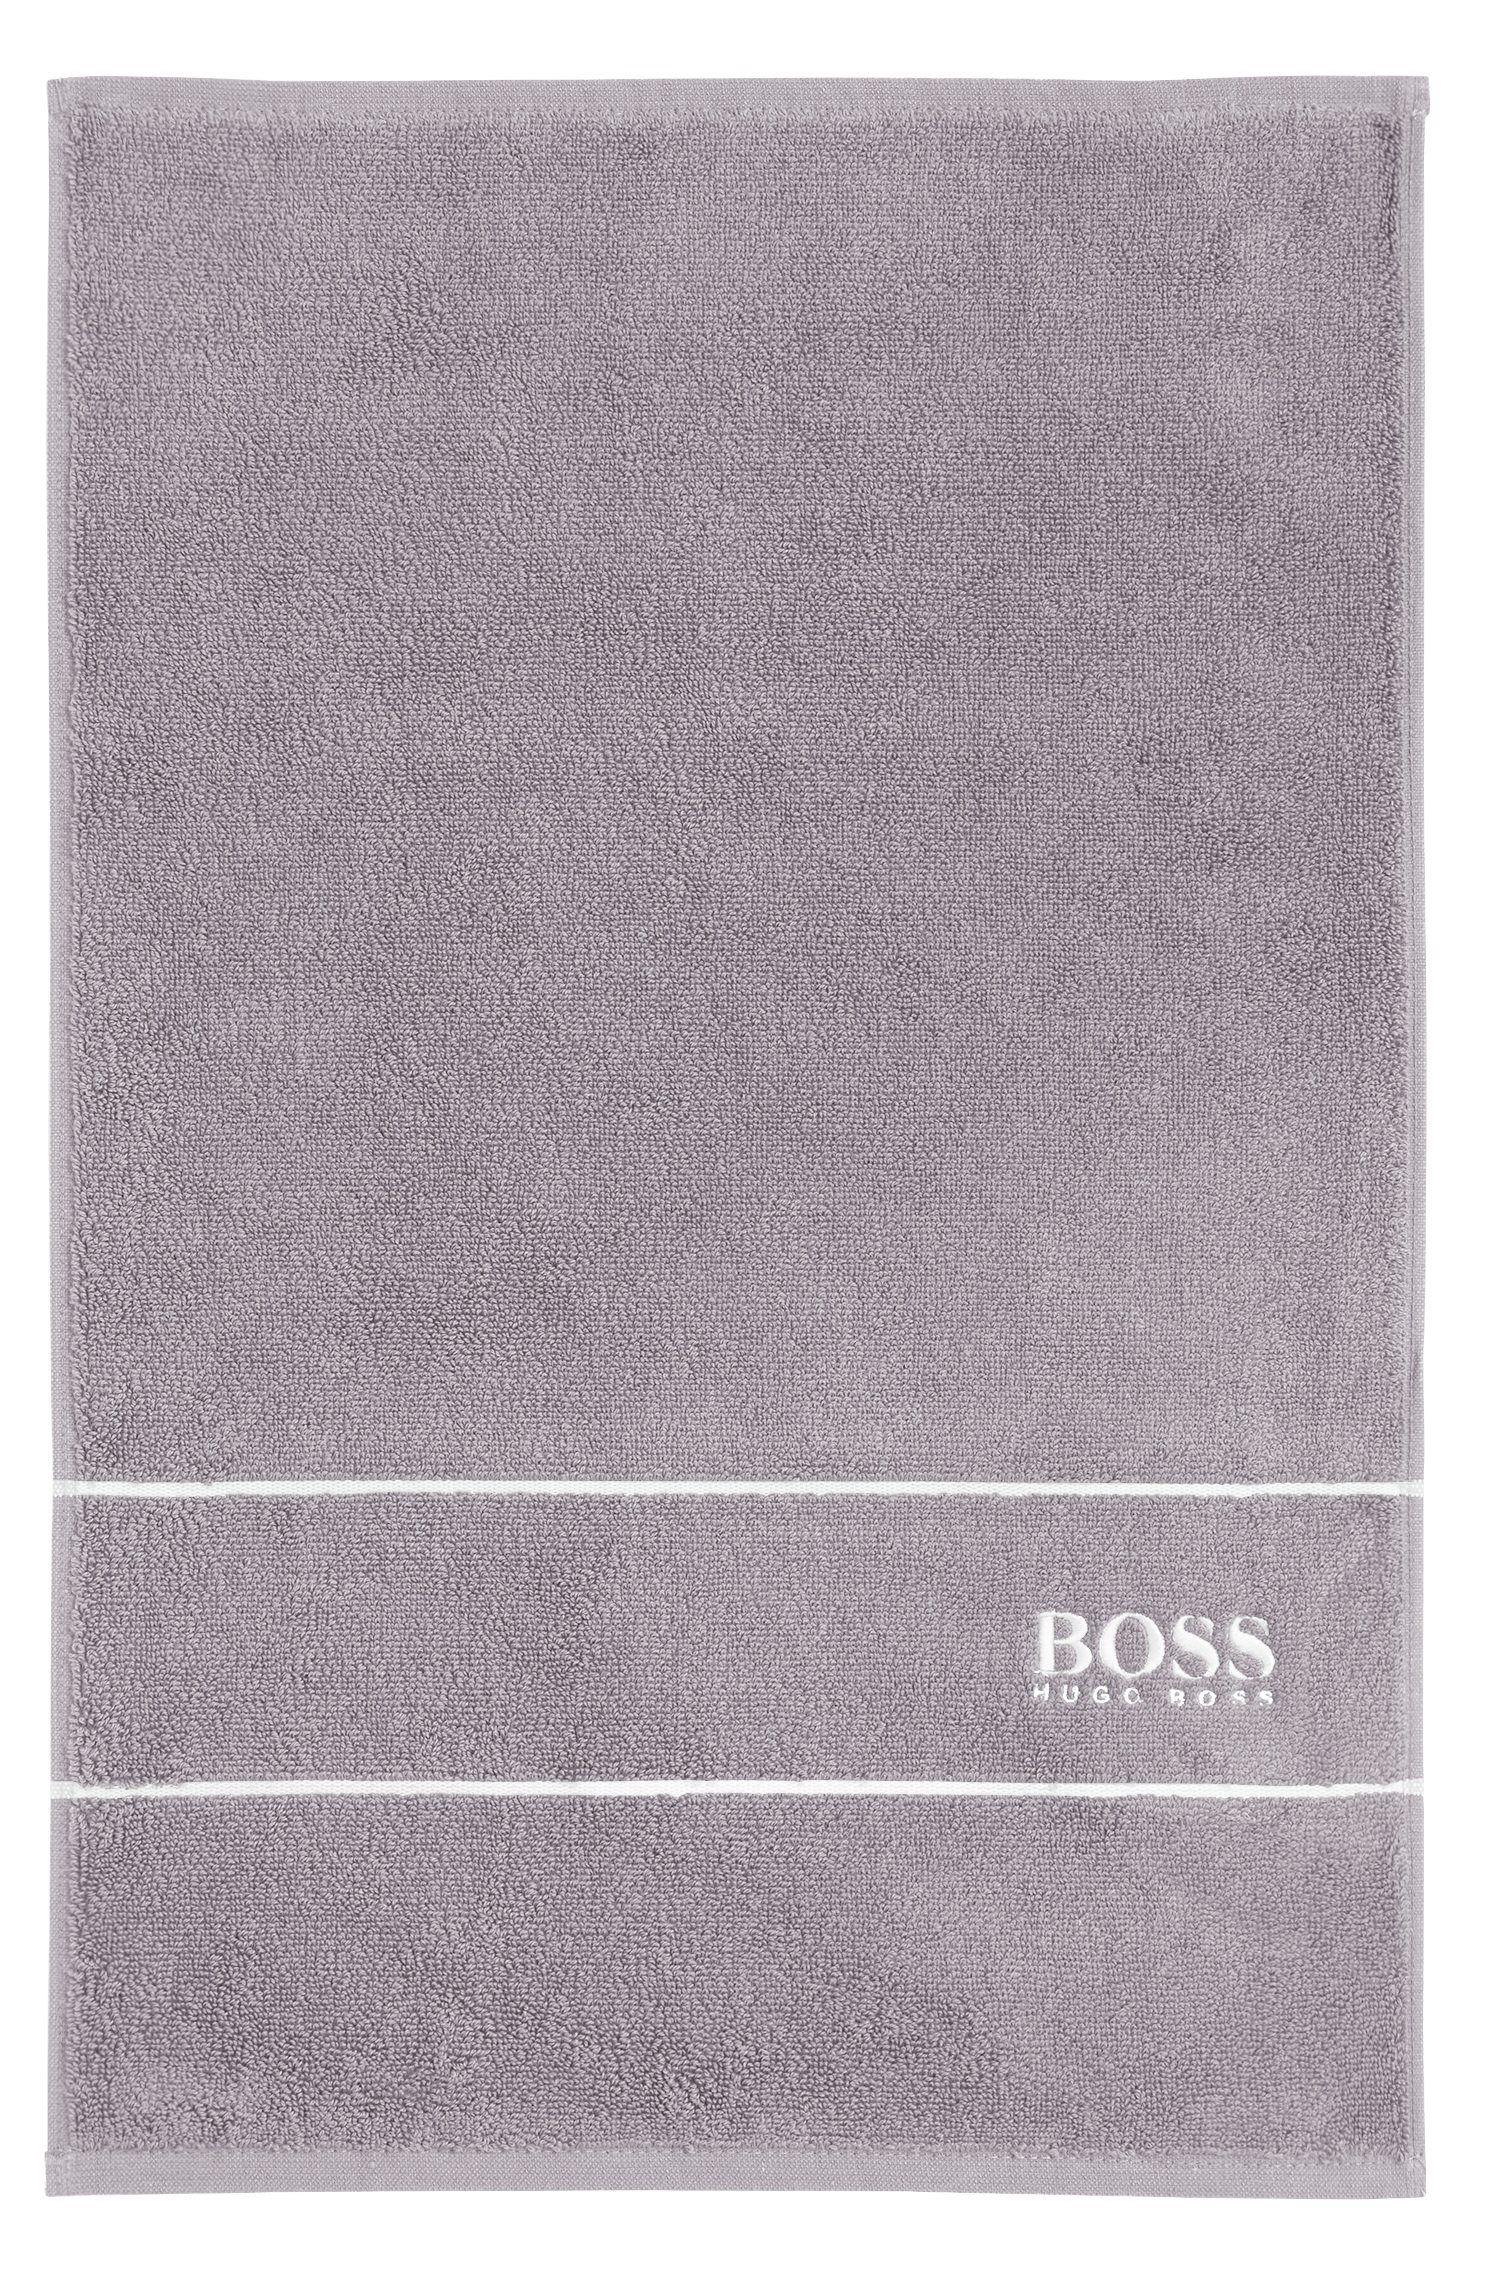 Serviette de toilette pour invité en coton égyptien des plus raffinés avec bordure logo, Gris sombre